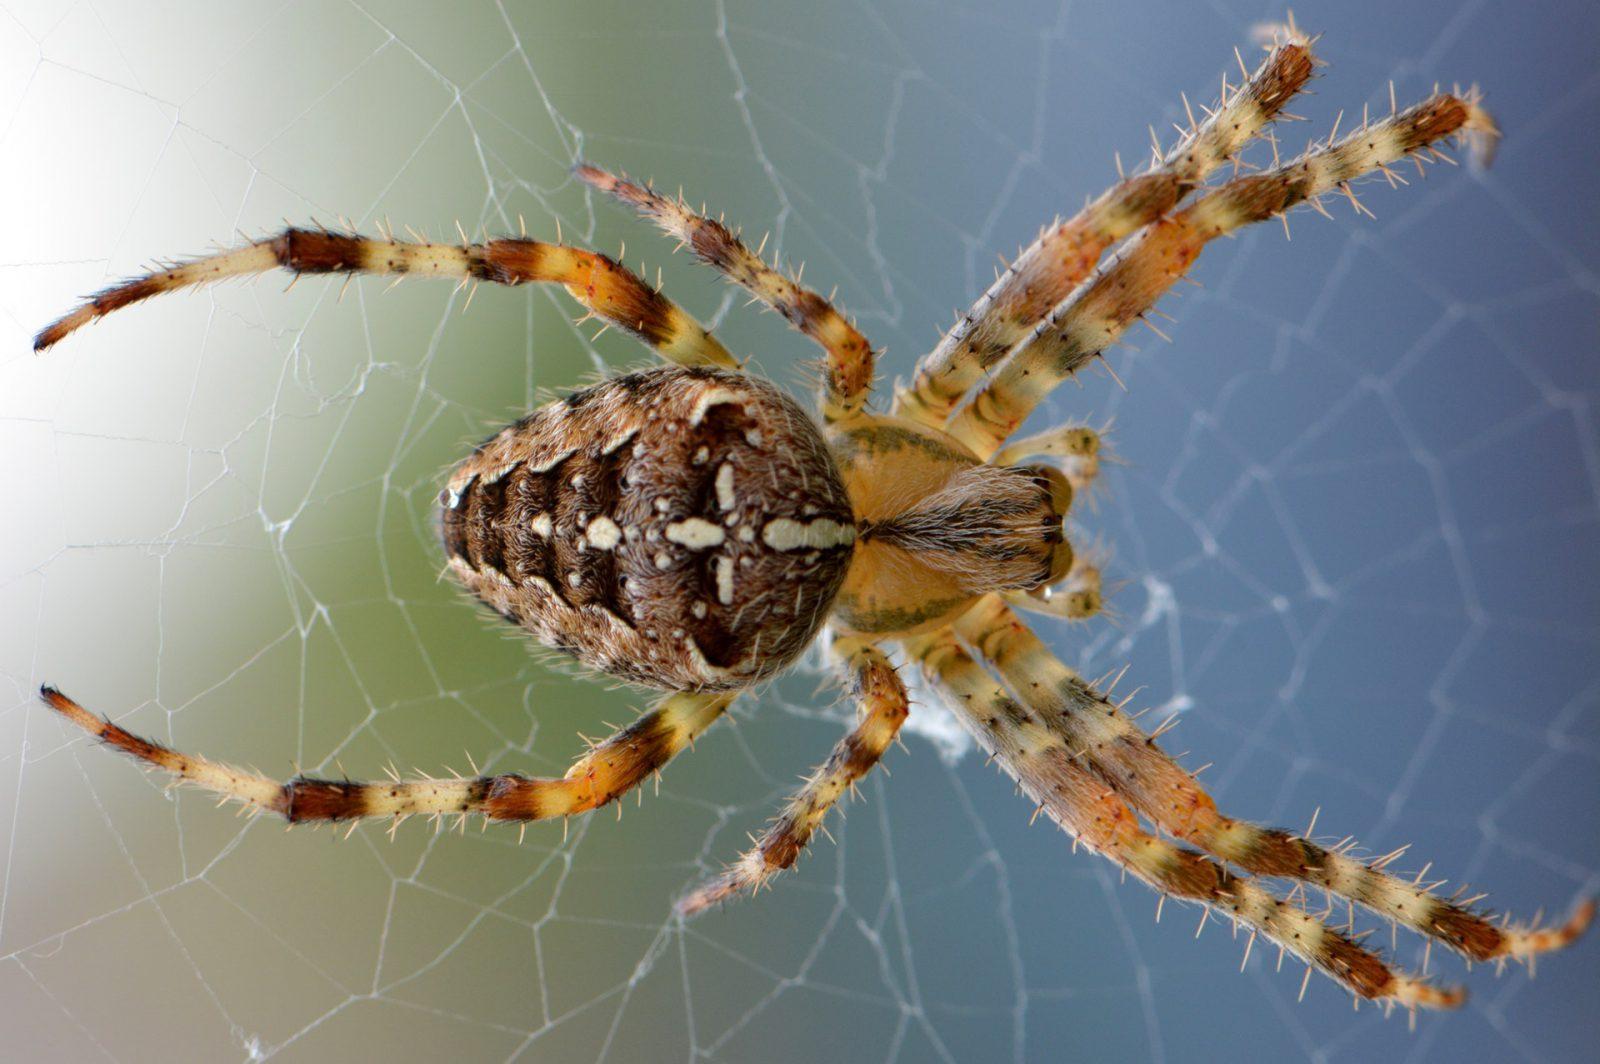 Sonhar com aranha está ligado à ansiedade.